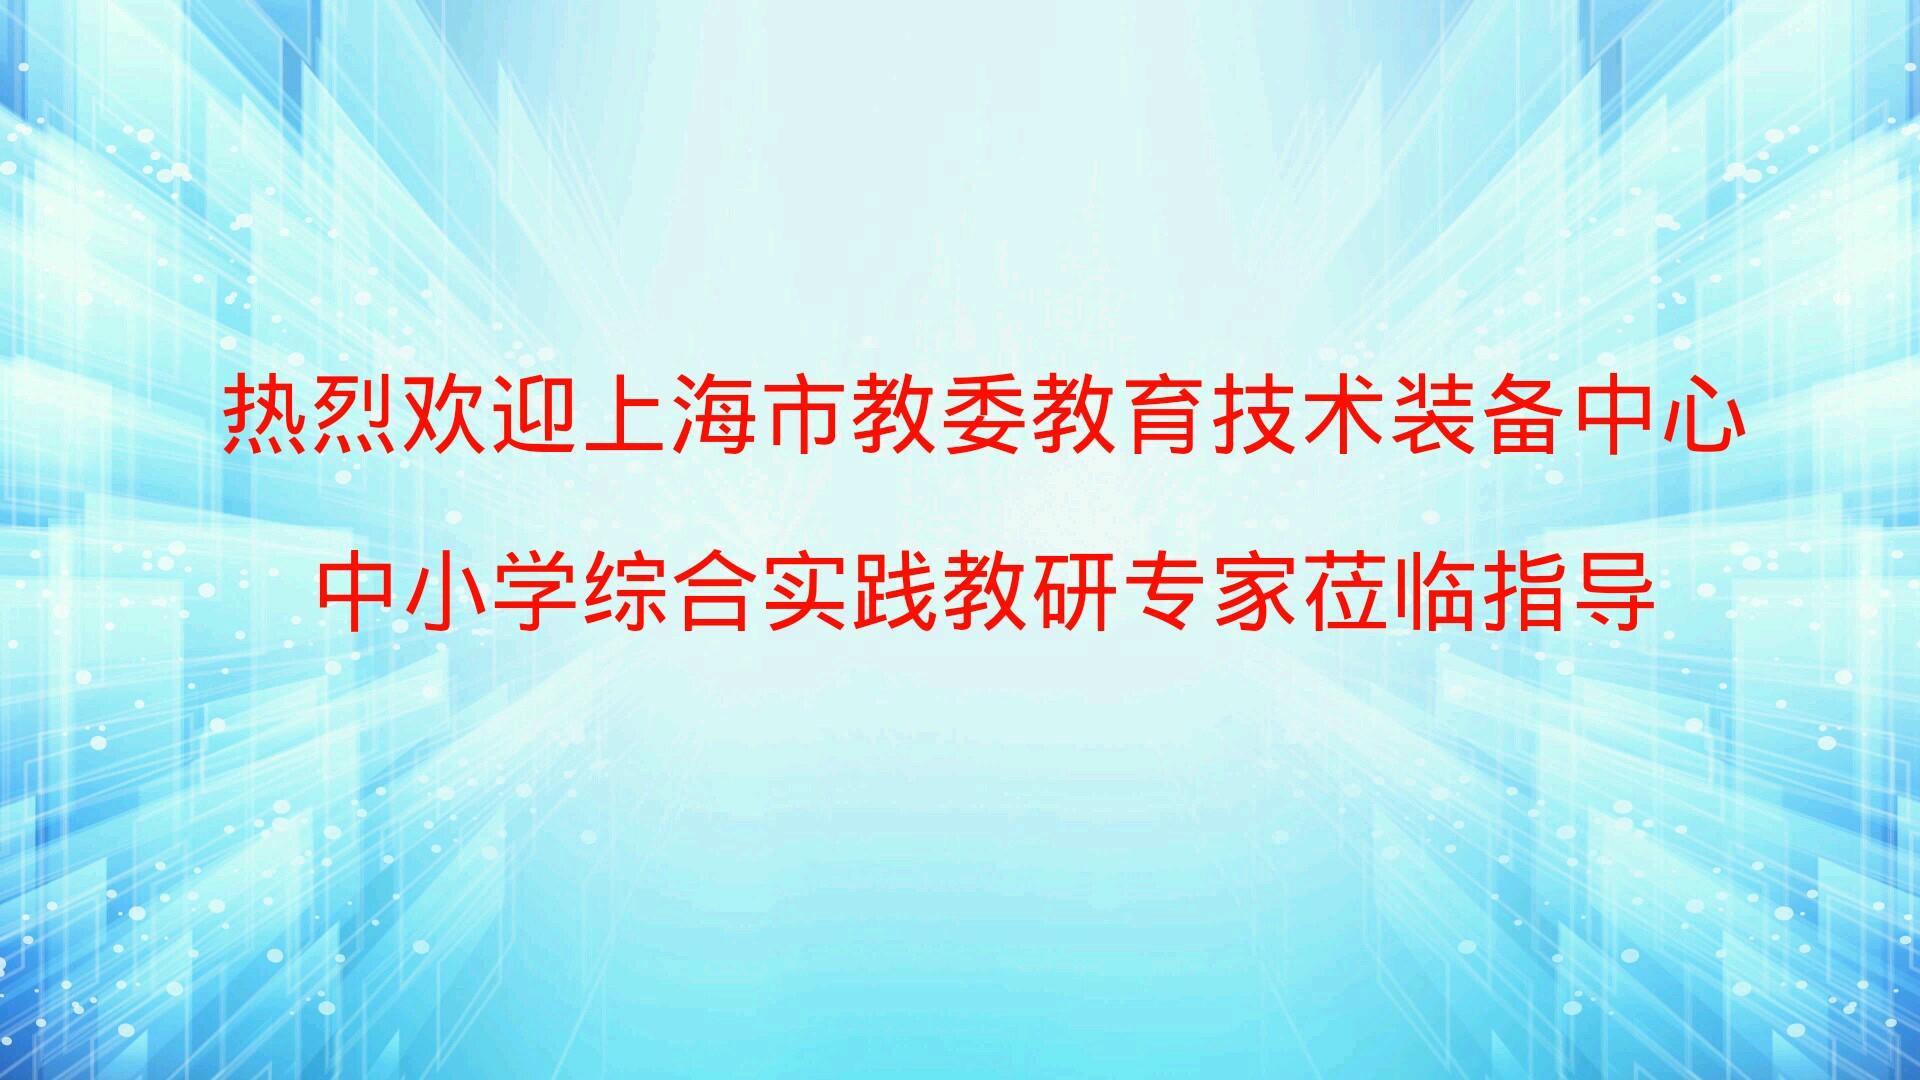 7c450bf8305261e9ef2a65a793e323d.jpg